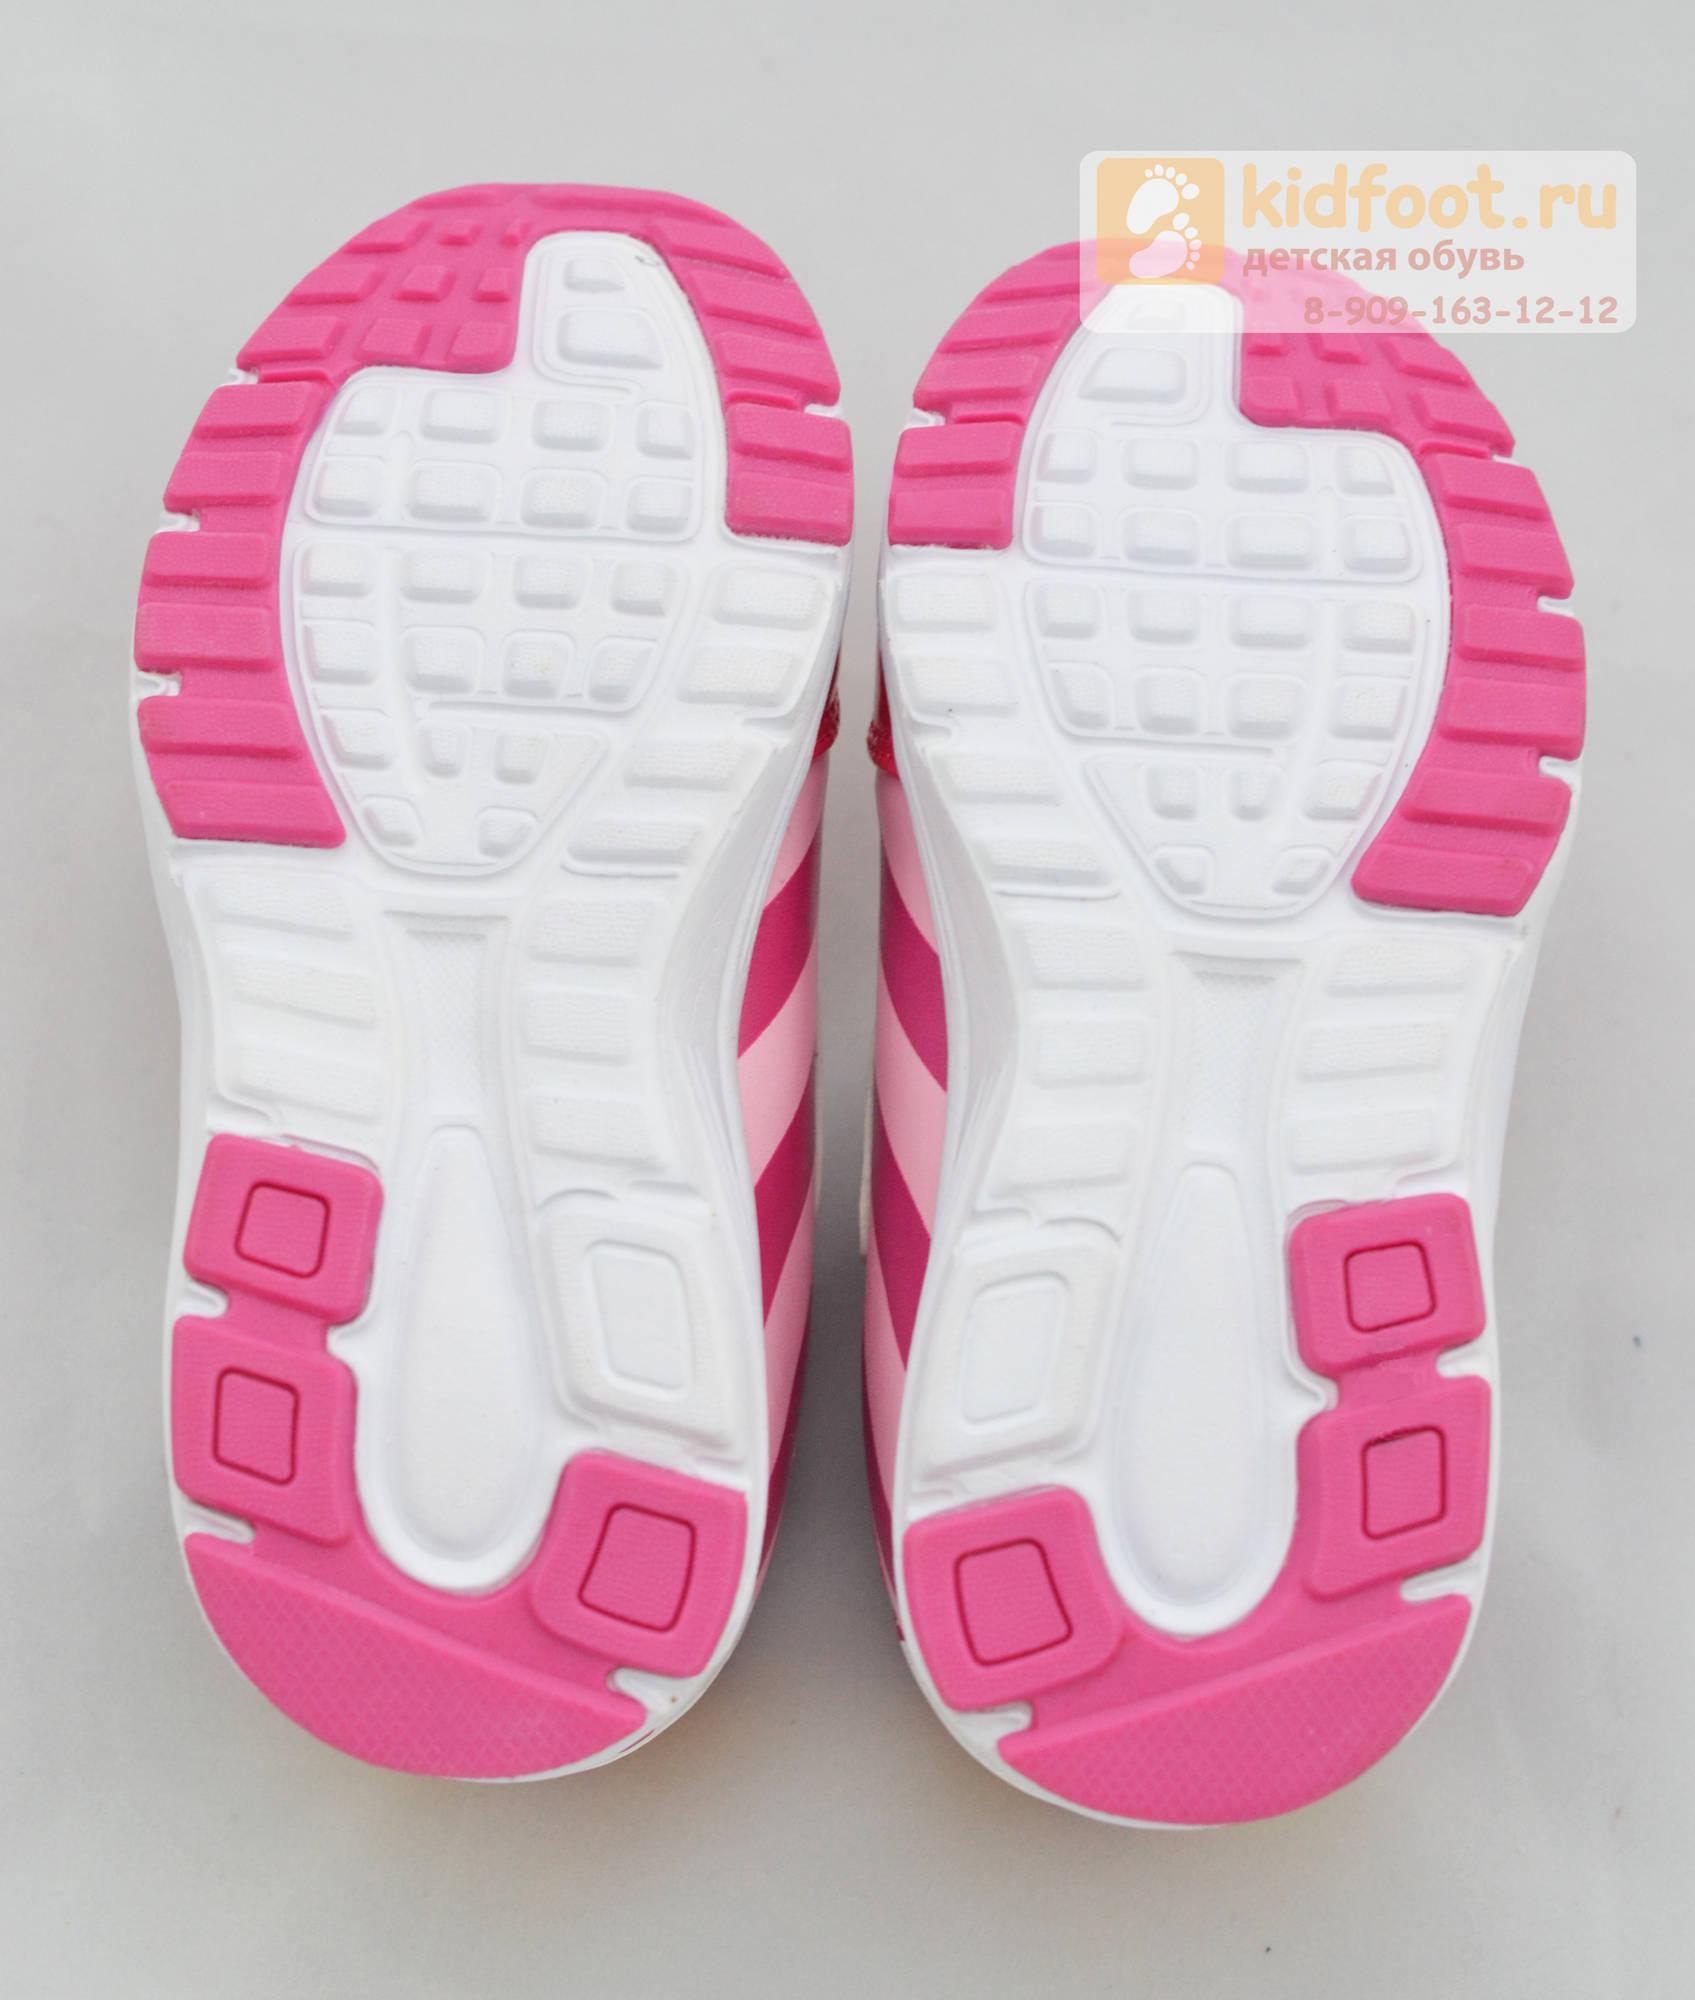 Светящиеся кроссовки Пони (My Little Pony) на липучке для девочек, цвет розовый